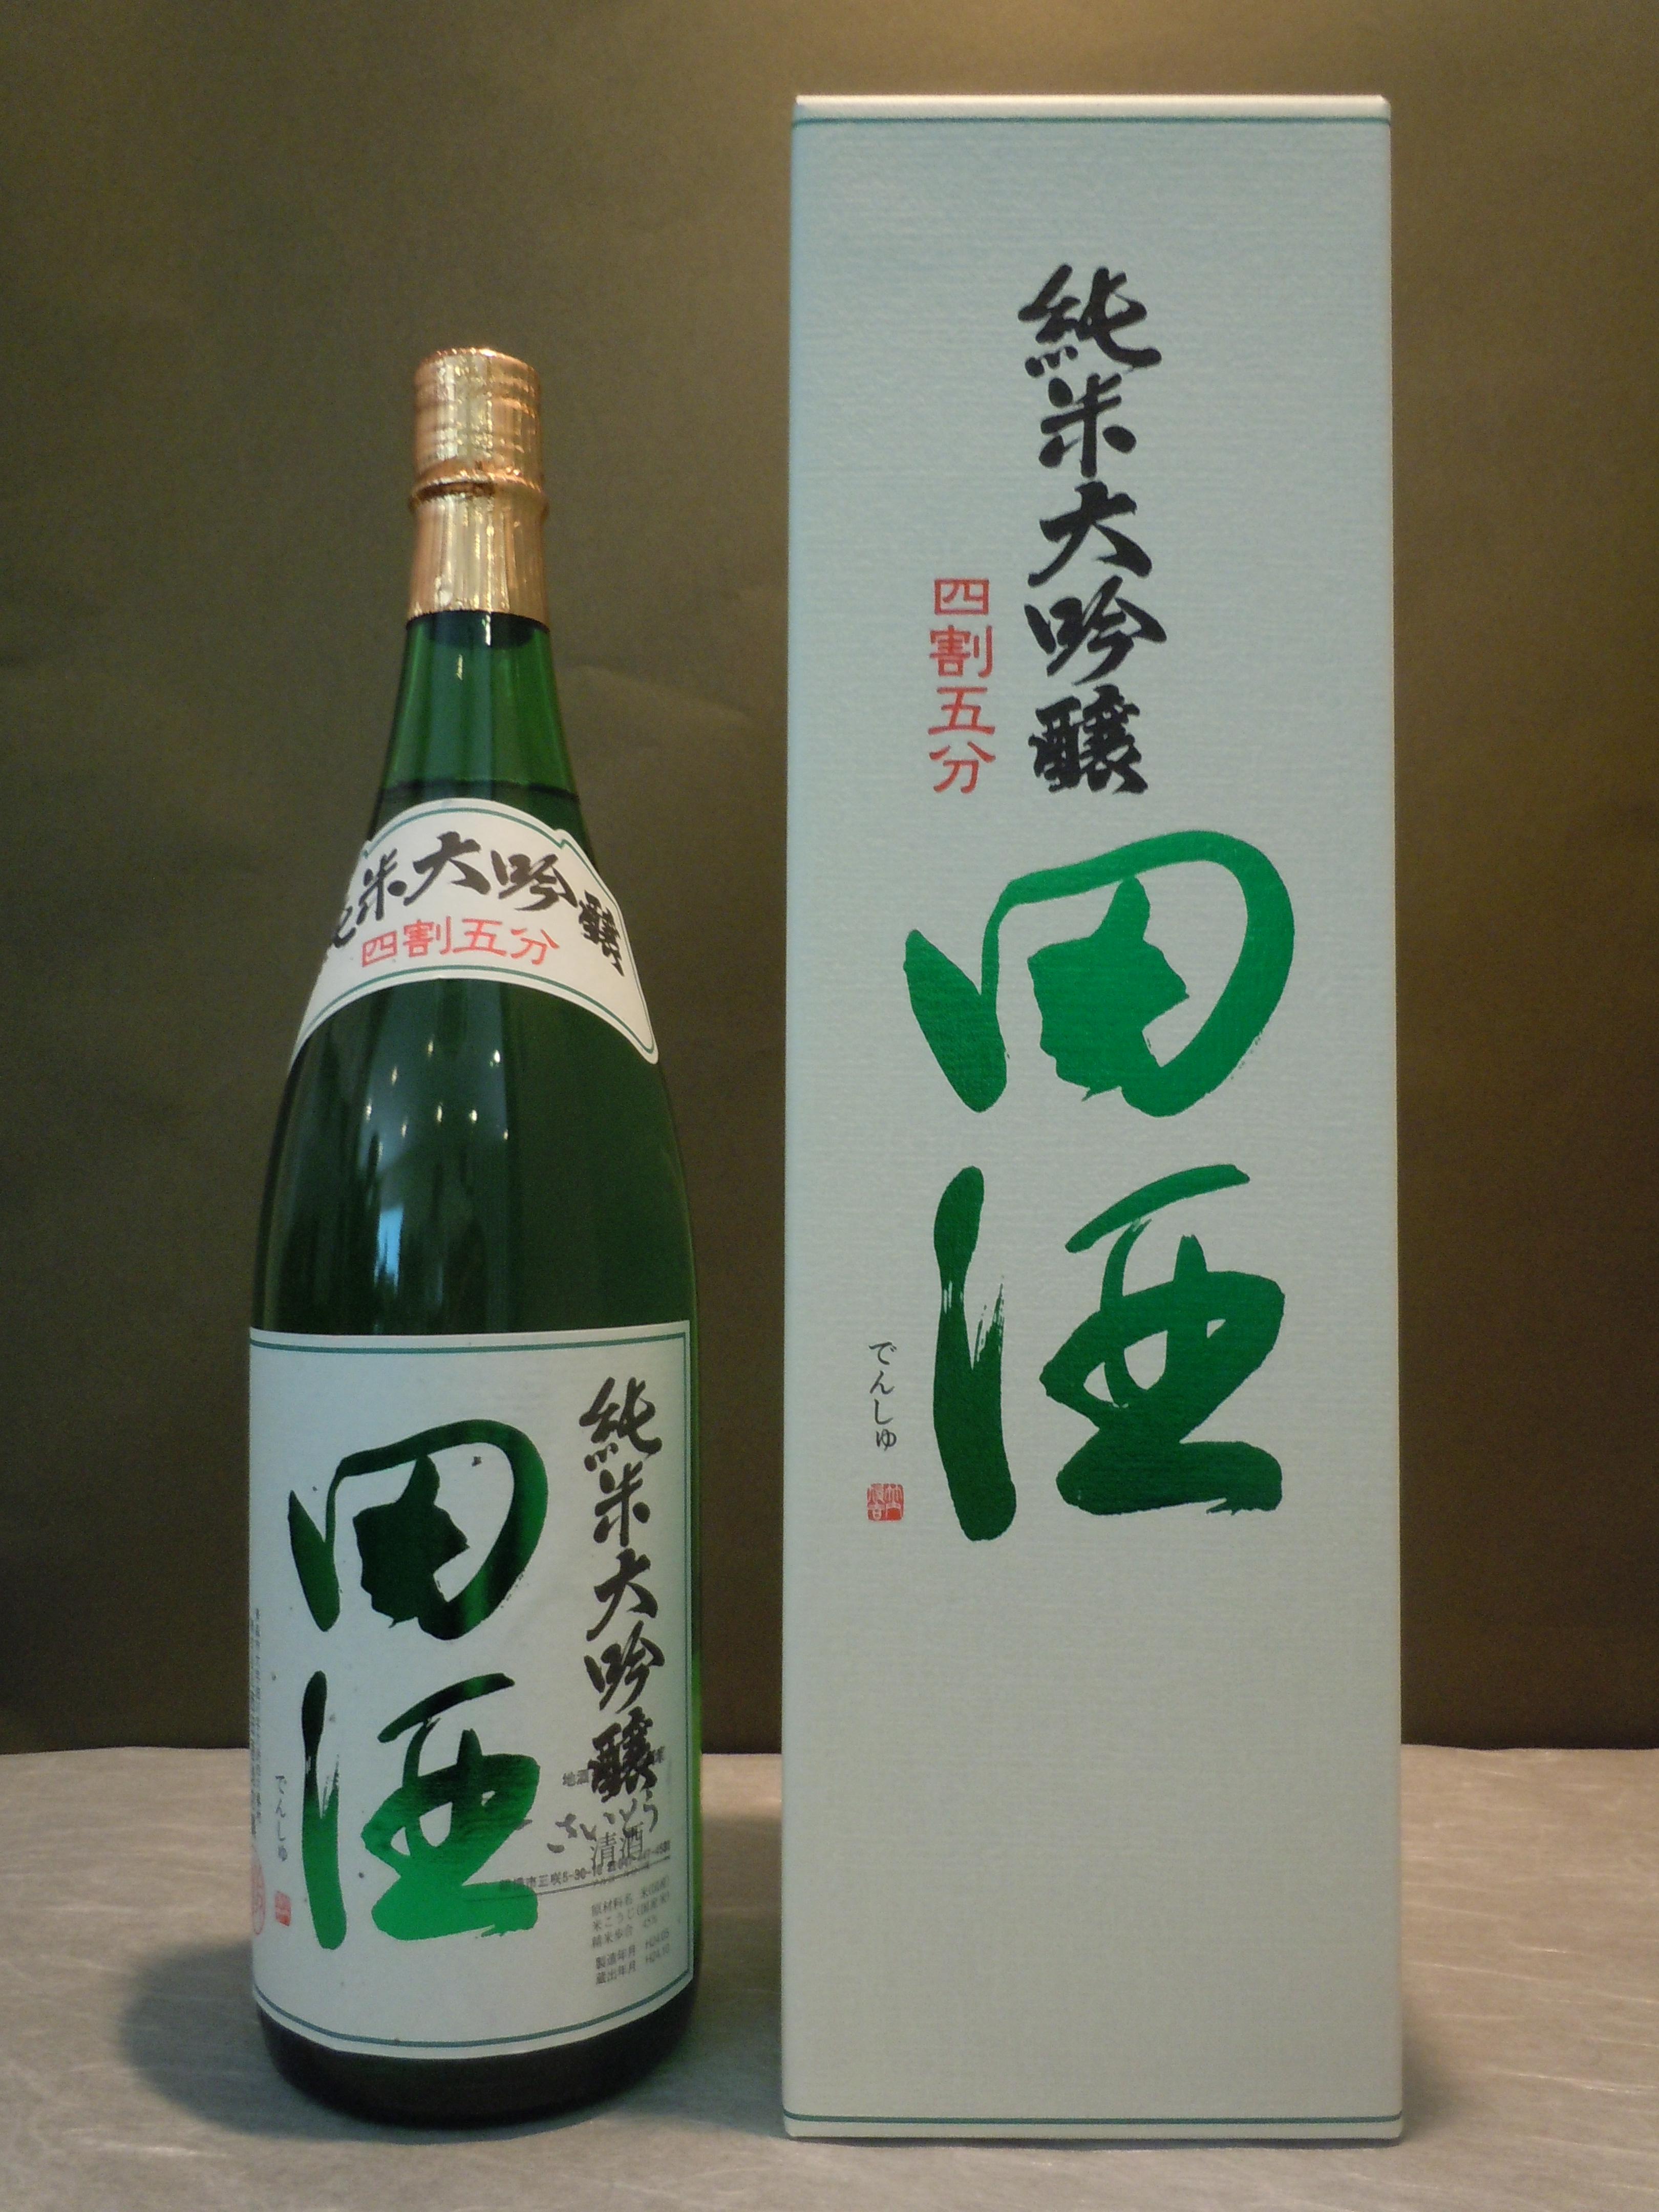 田酒 純米大吟醸  四割五分 1.8ℓ